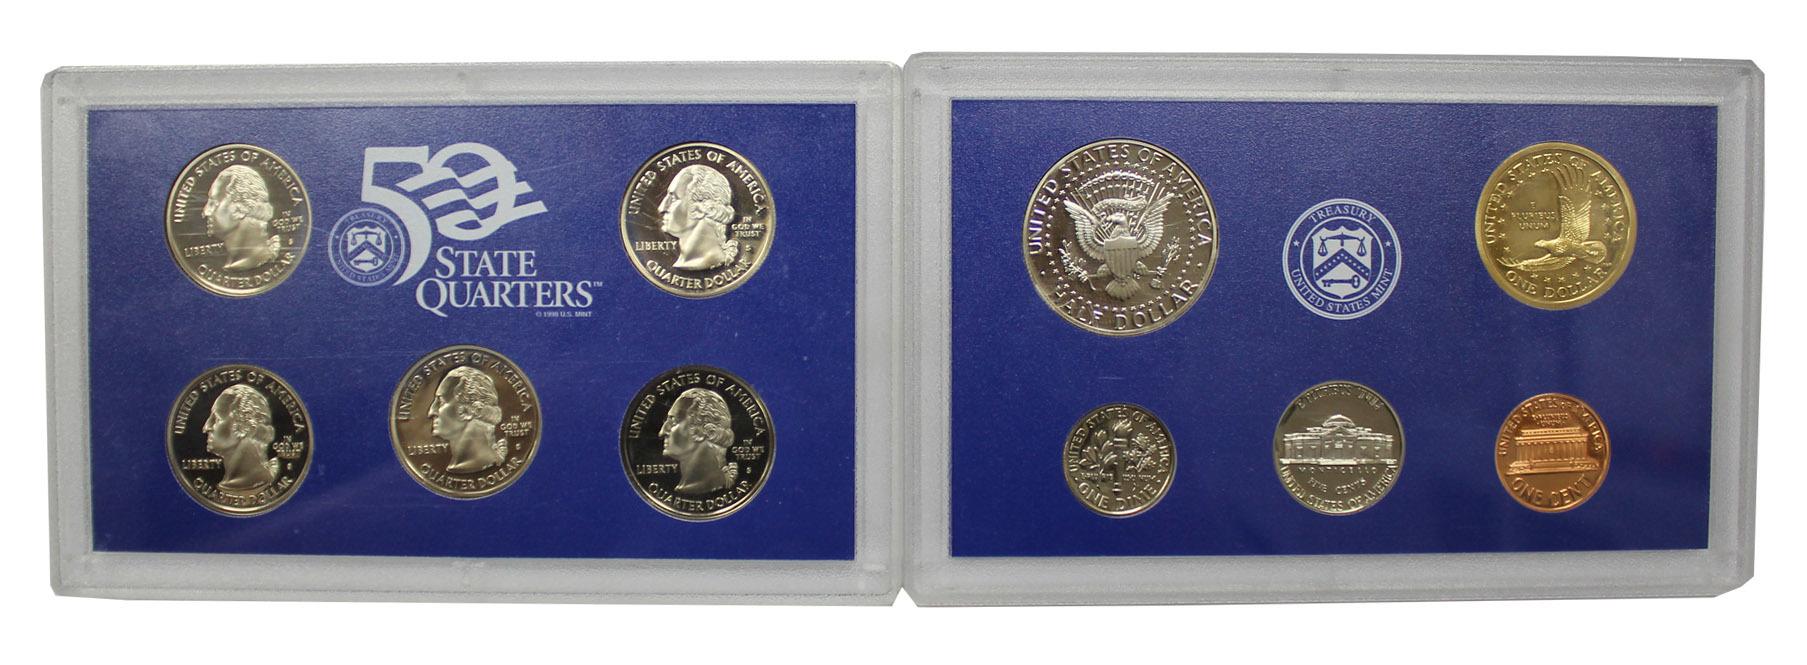 Набор США 2000 (5 годовых монет + 5 памятных 25 центов) Двор S. PROOF